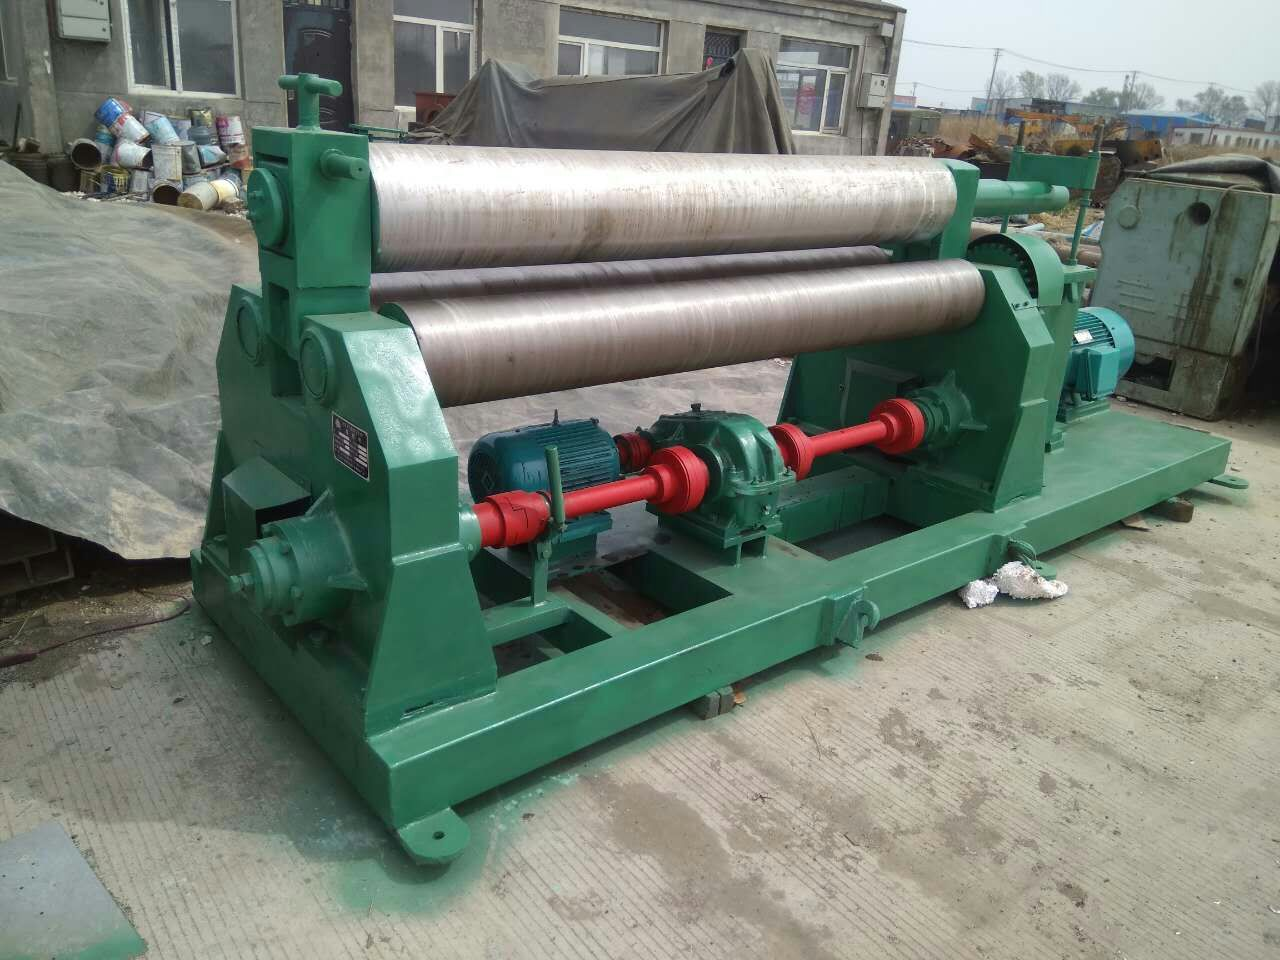 上海機械上調式三輥卷板機W11-12X250|馬鞍山新型的機械對稱式三輥卷板機出售